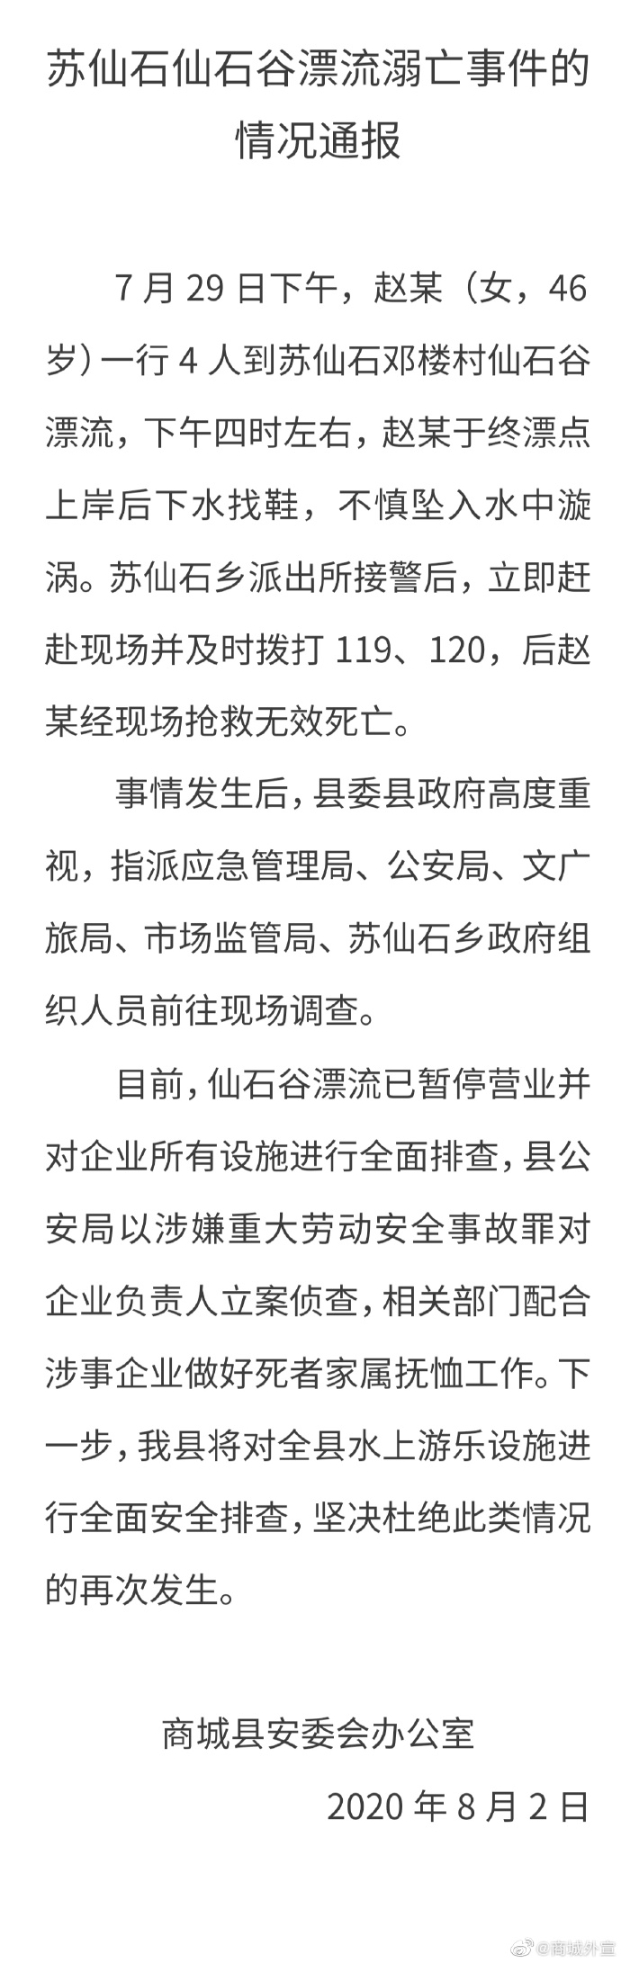 """信阳通报""""女游客仙石谷漂流溺亡"""":上岸后下水找鞋坠入漩涡"""